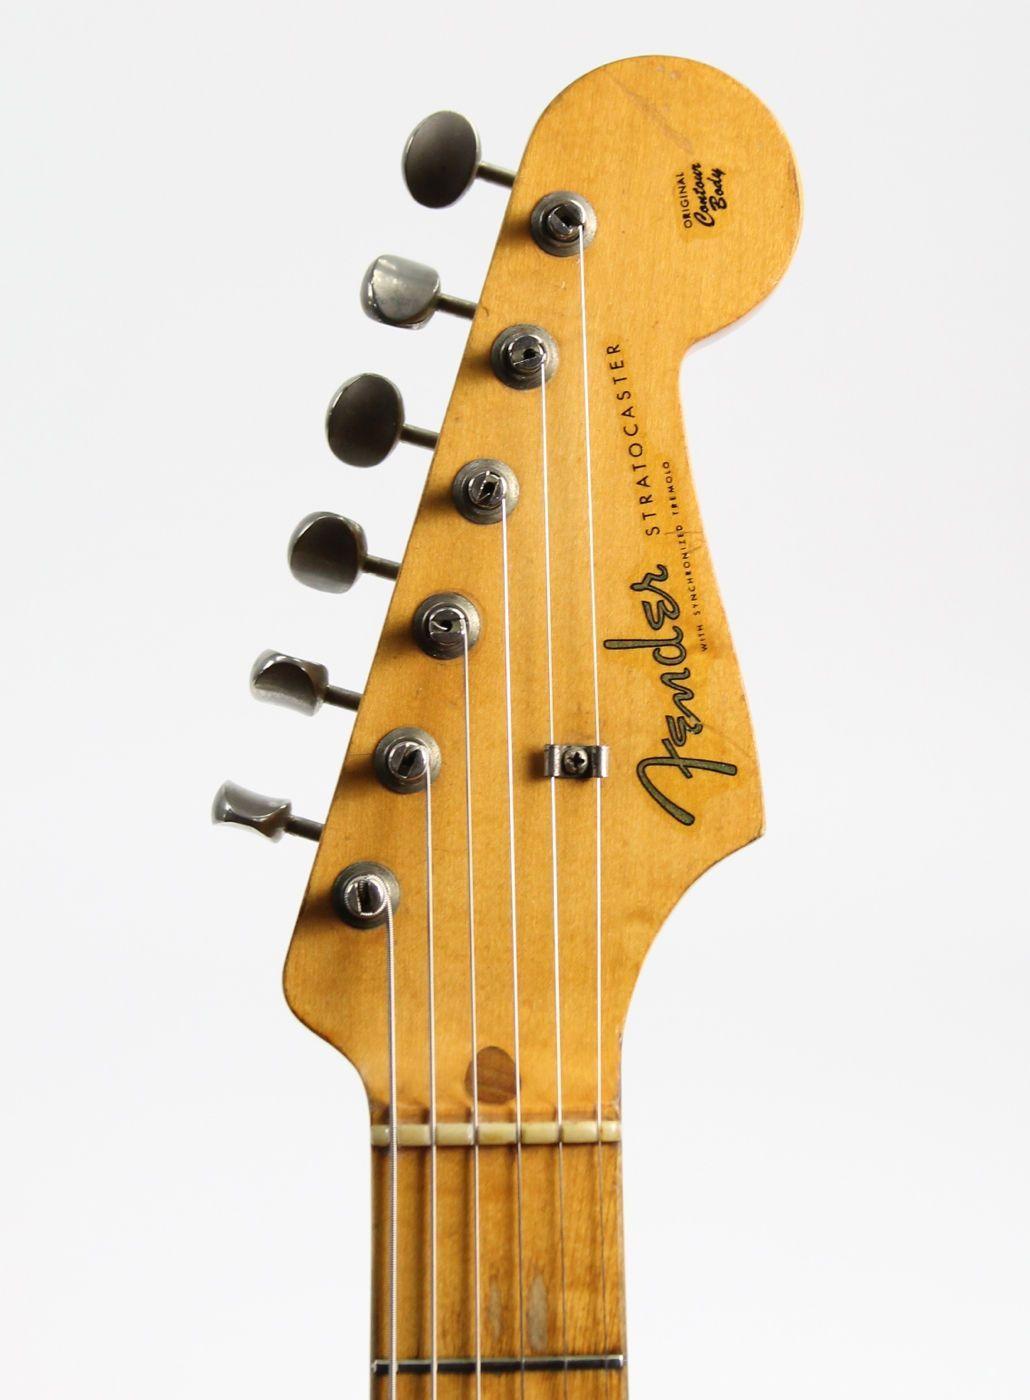 Fender stratocaster 1957 headstock fenderguitars fender